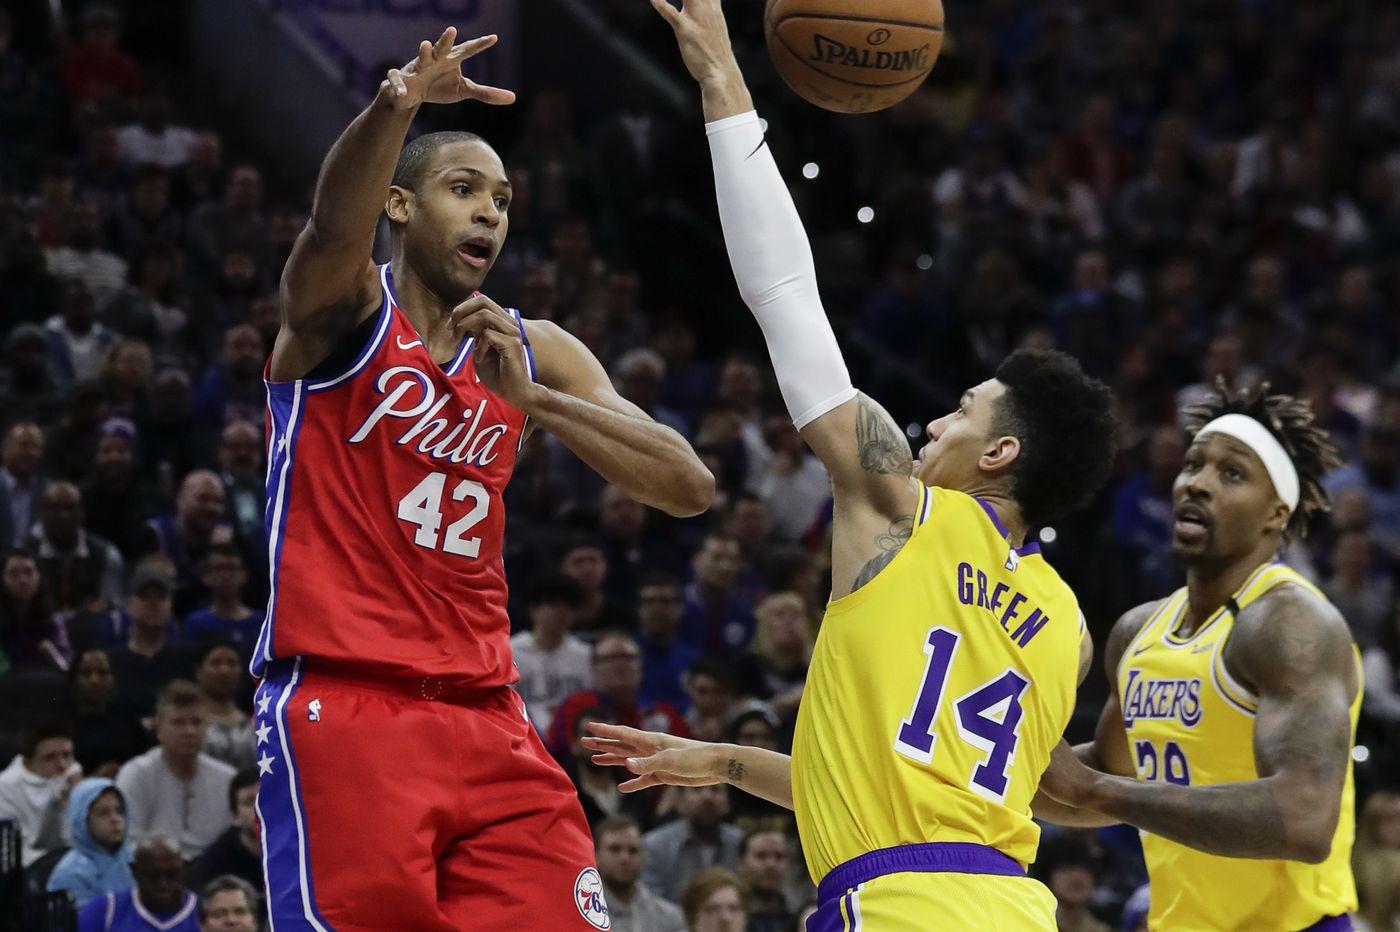 Al Horford (Philadelphia Sixers) vs. Danny Green (Los Angeles Lakers), transférés l'un contre l'autre